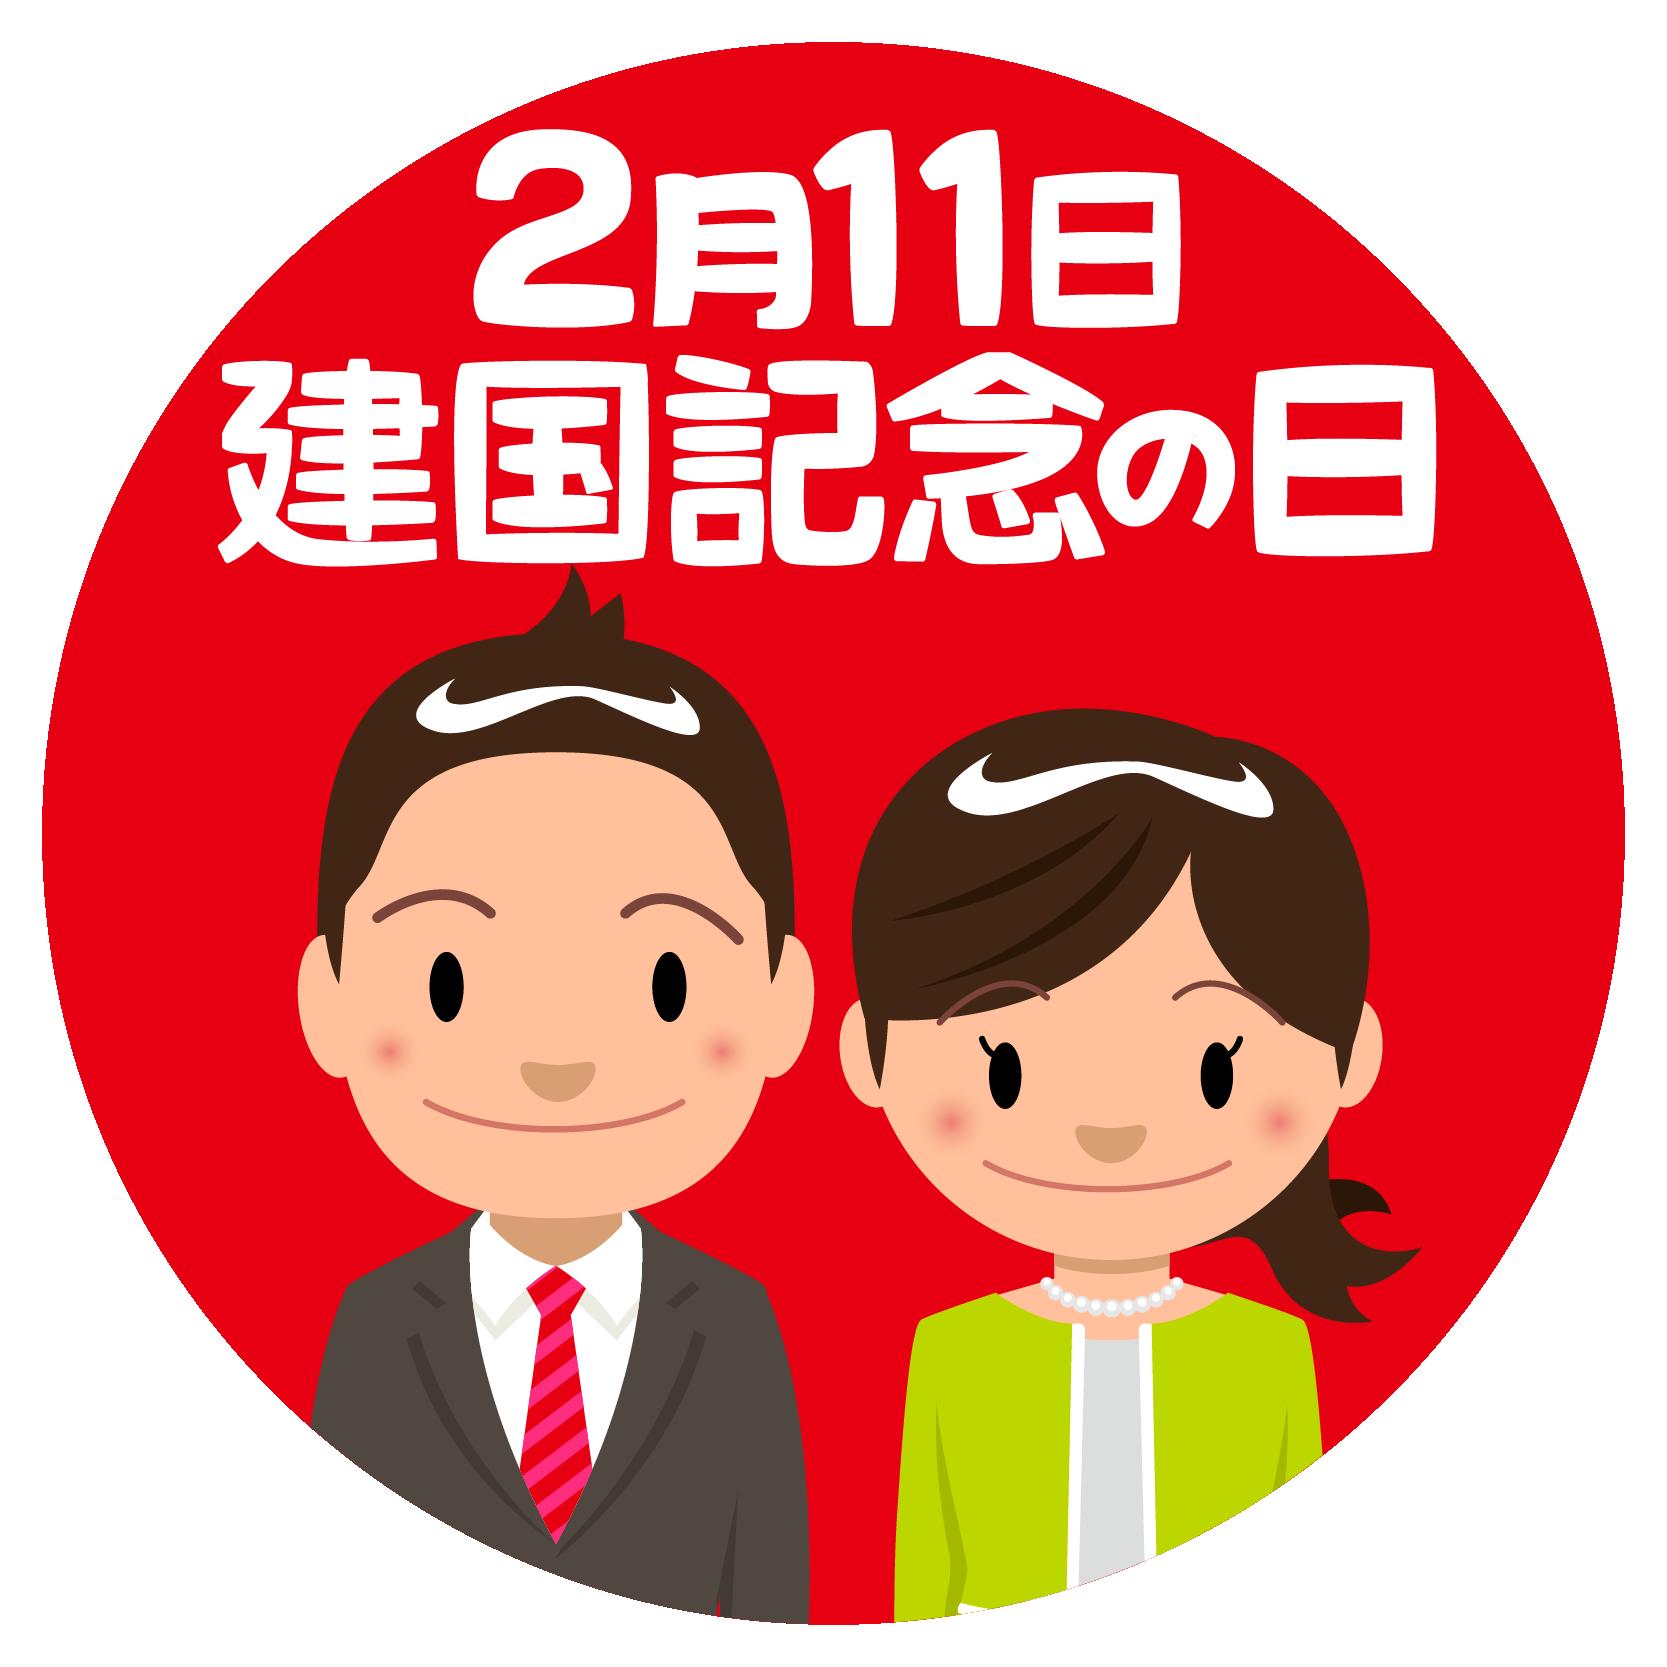 商用フリー・無料イラスト_2月11日_建国記念の日_男女_National Foundation Day015